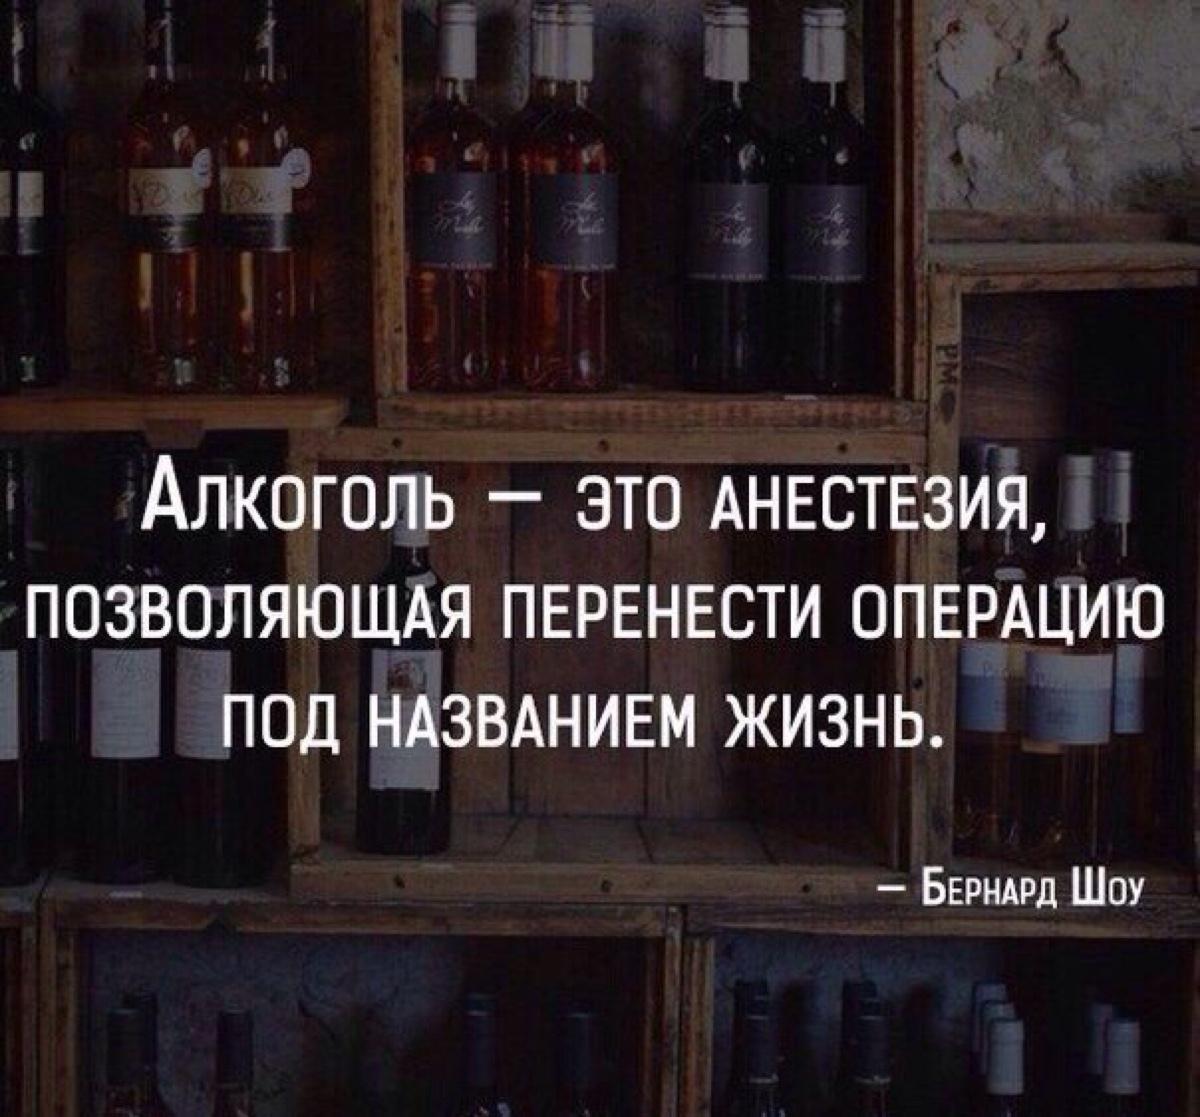 Лучшие цитаты про алкоголь: 49 афоризмов, которые стоит запомнить